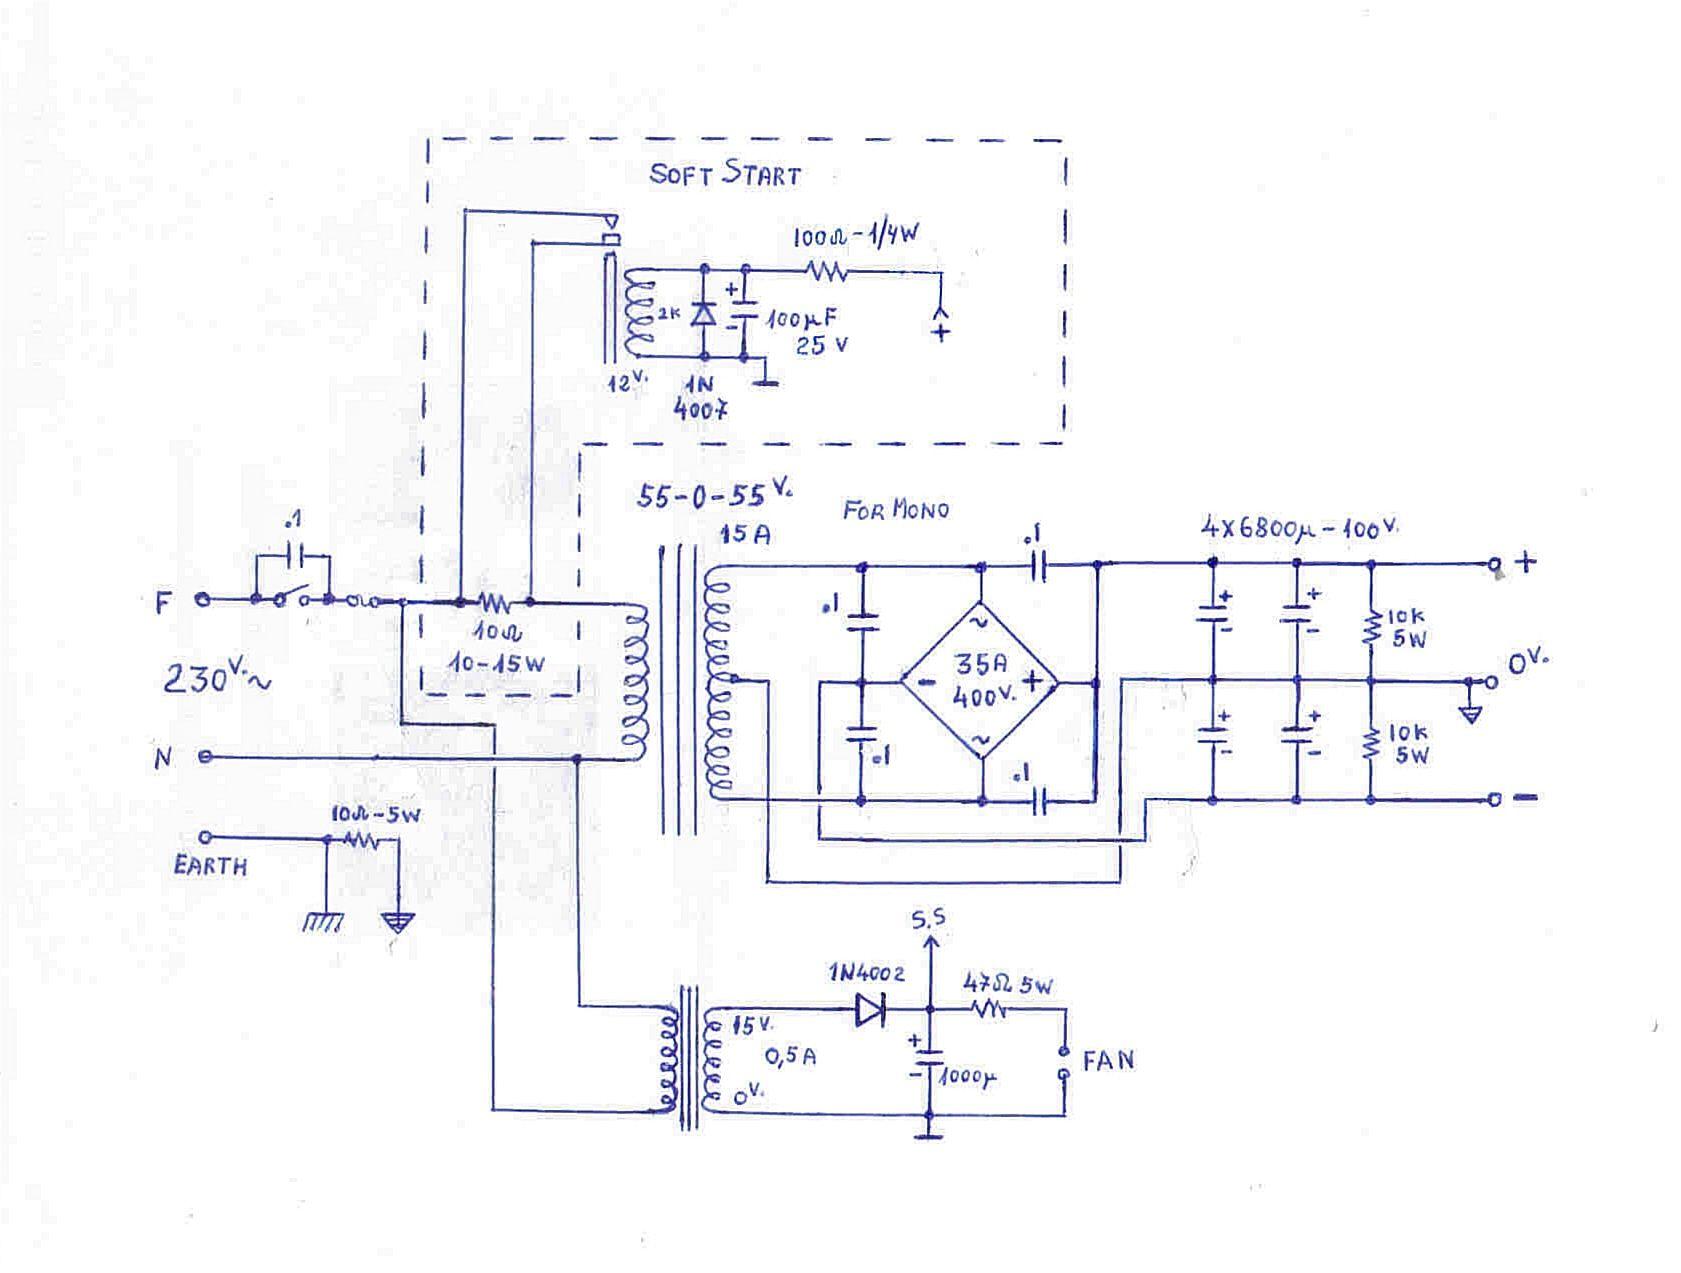 Circuito Ups 12v : Fonte de alimentação w circuito da fonte de alimentação para o